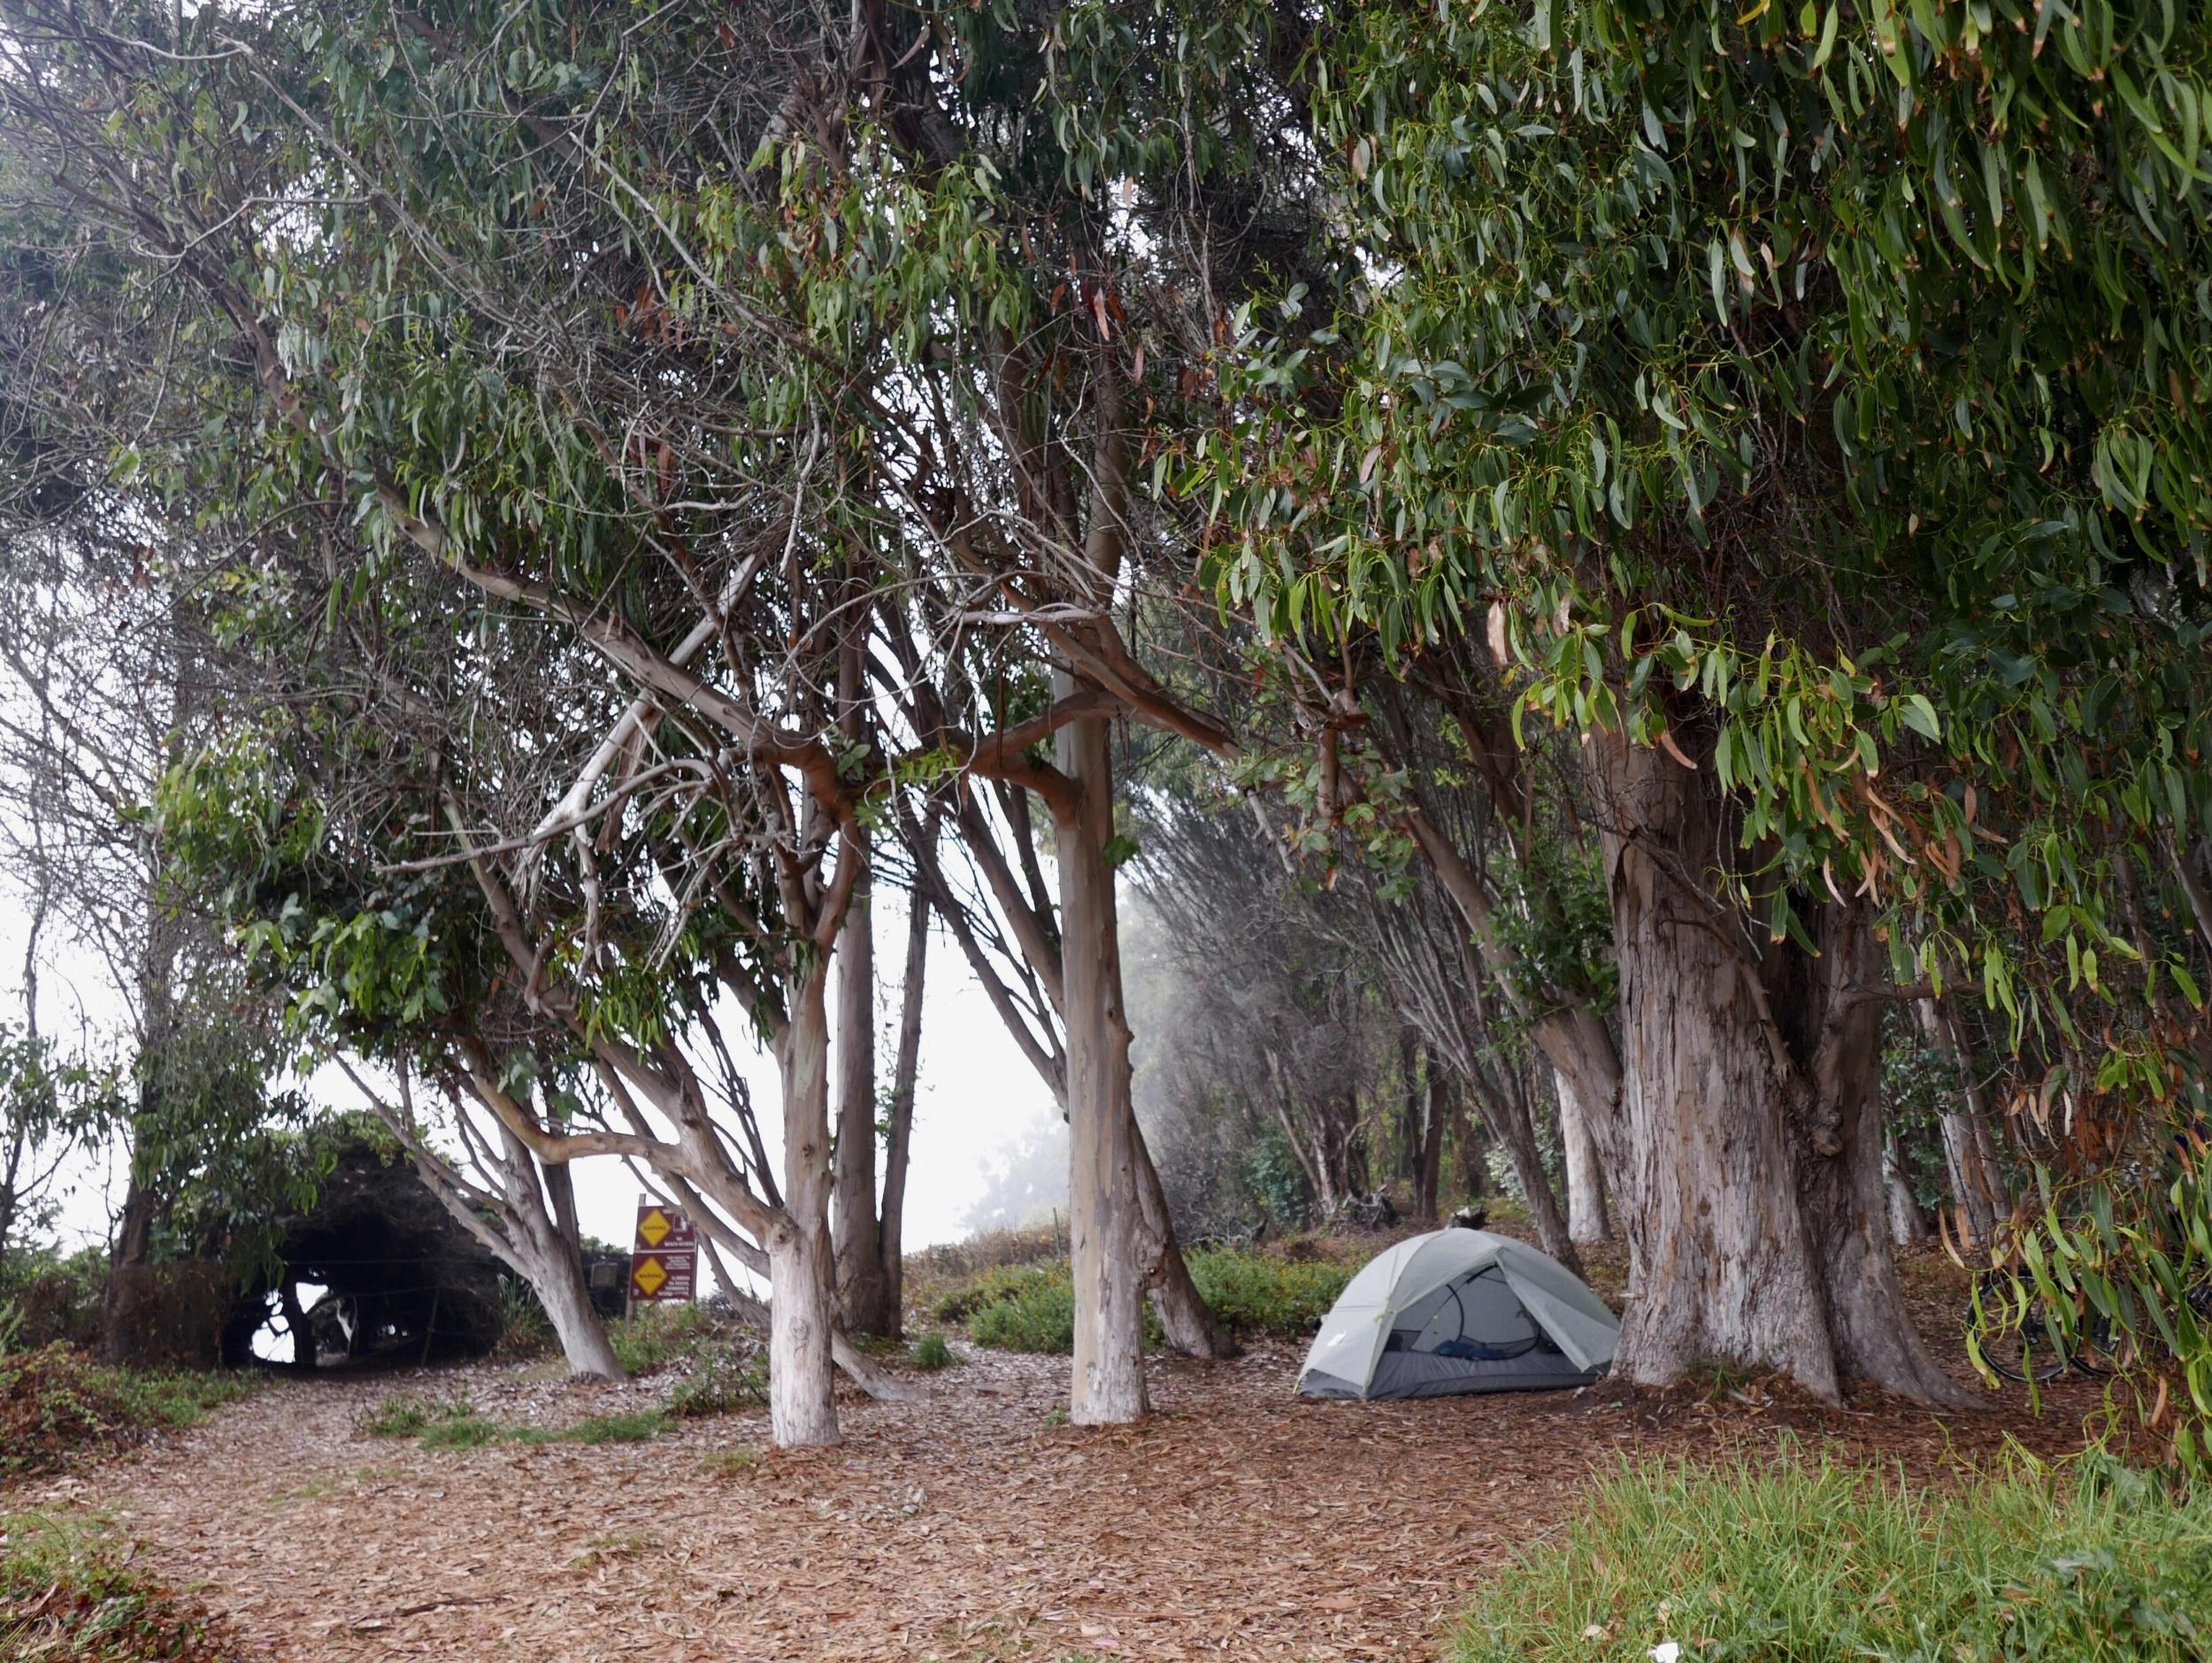 Housed among the eucalyptus.